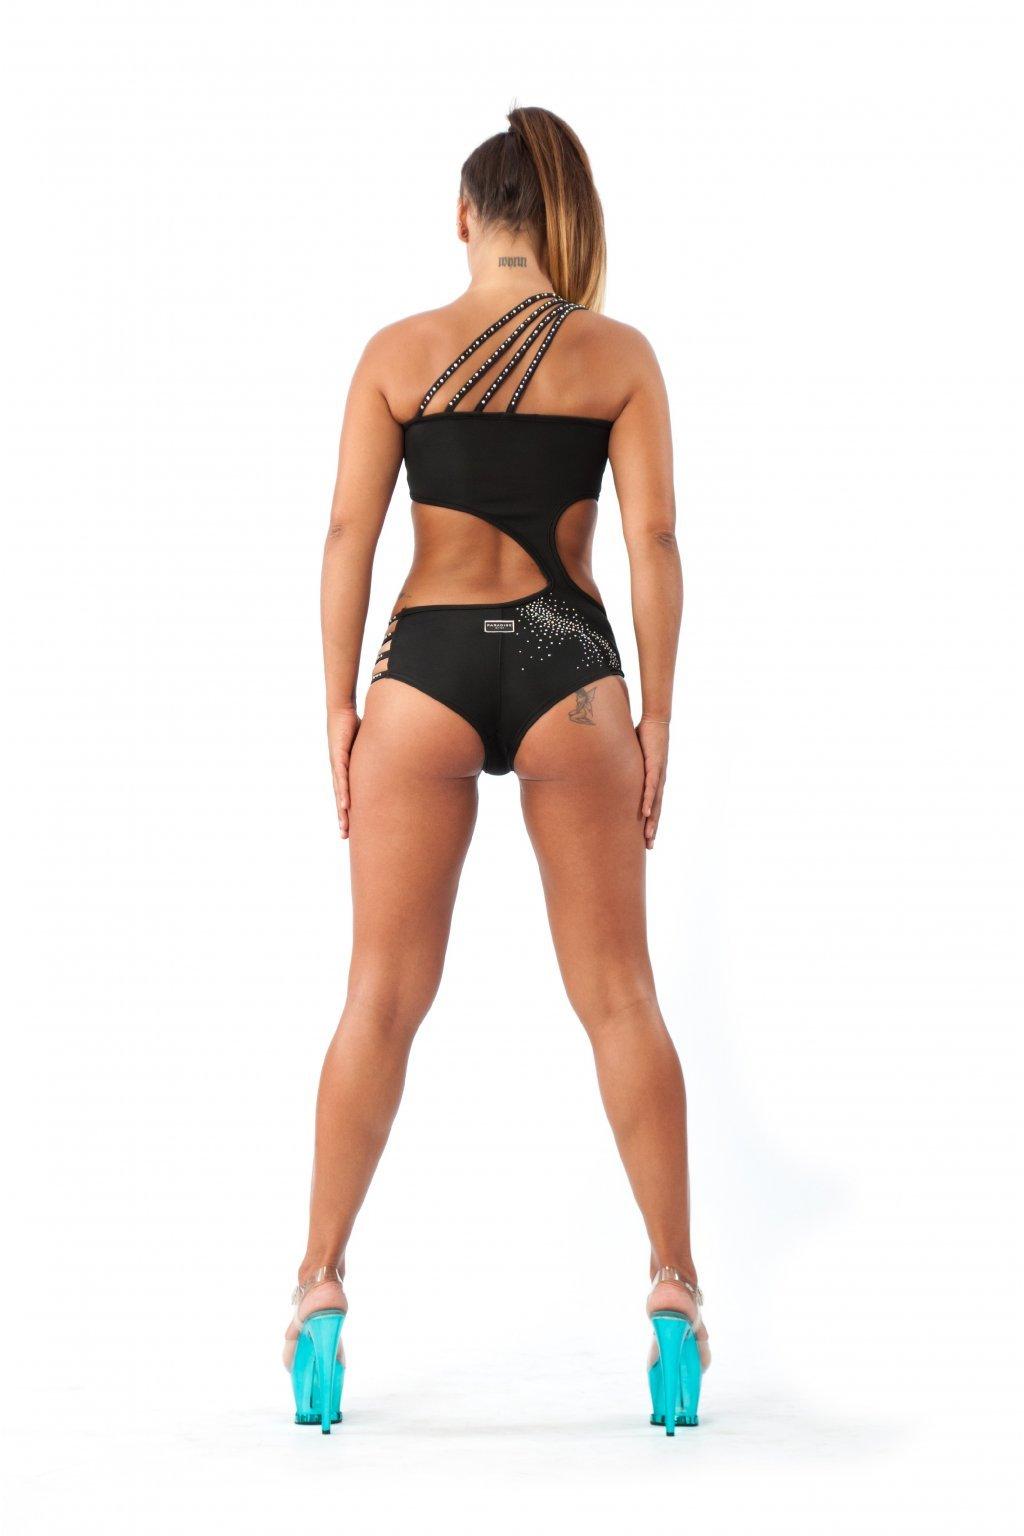 Kostýmek Maro černý s aplikací